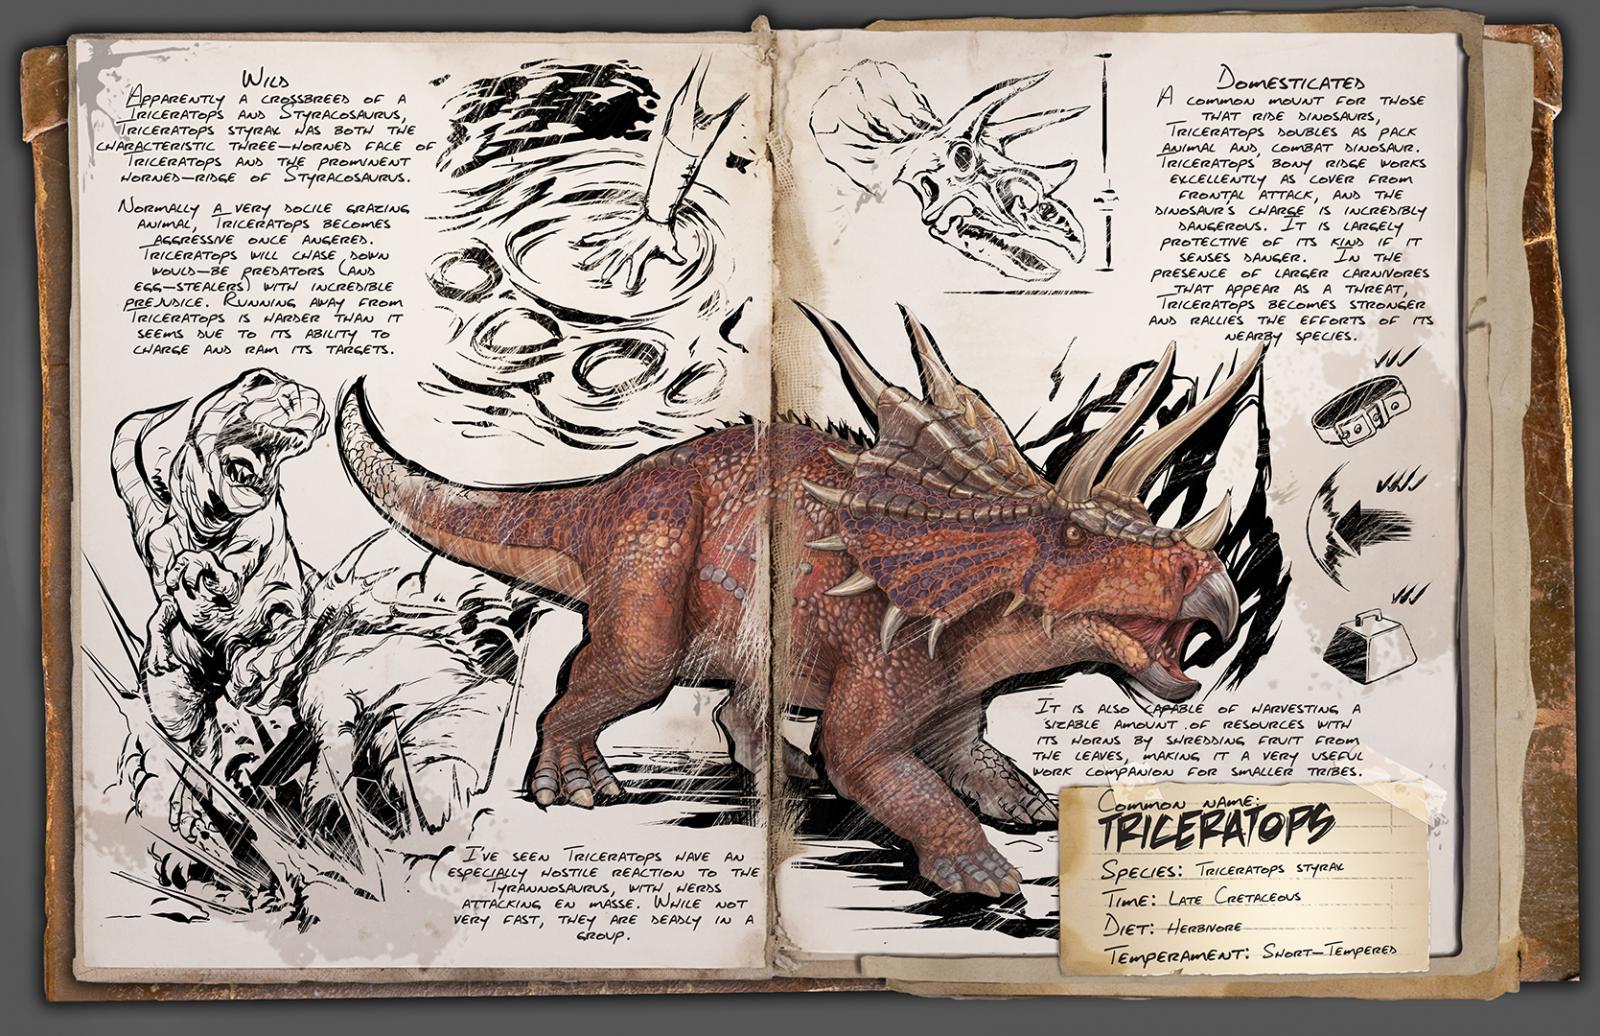 Ausgezeichnet Triceratops Gesicht Färbung Seite Bilder - Malvorlagen ...